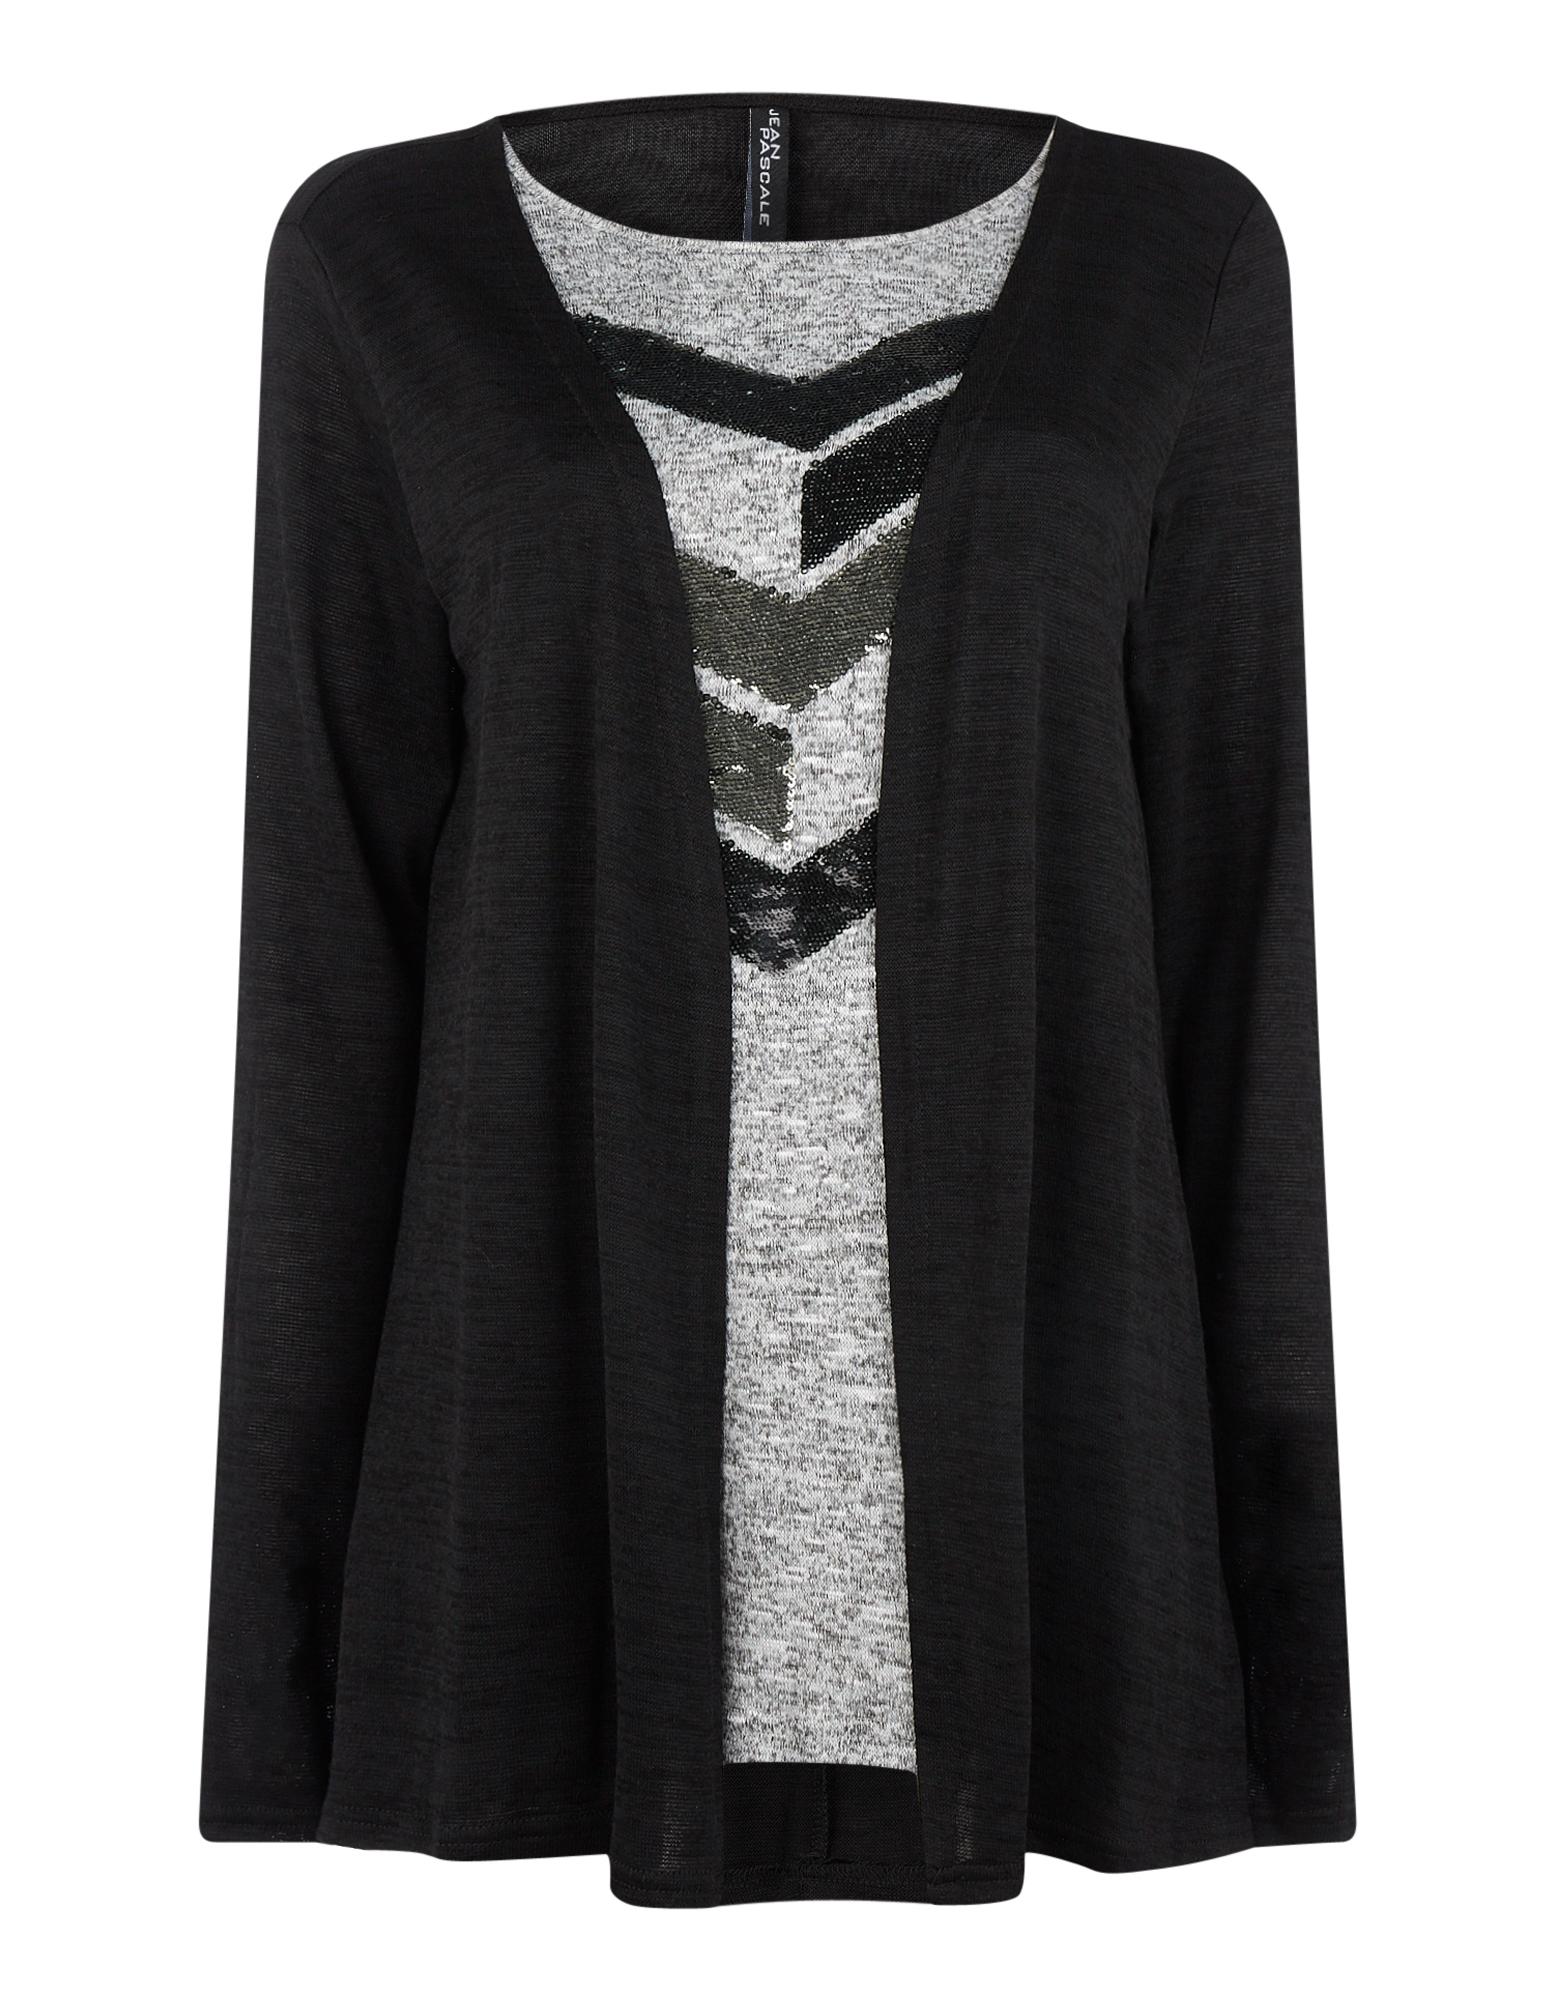 Damen Pullover mit Pailletten-Besatz | Bekleidung > Pullover > Sonstige Pullover | Schwarz | Takko